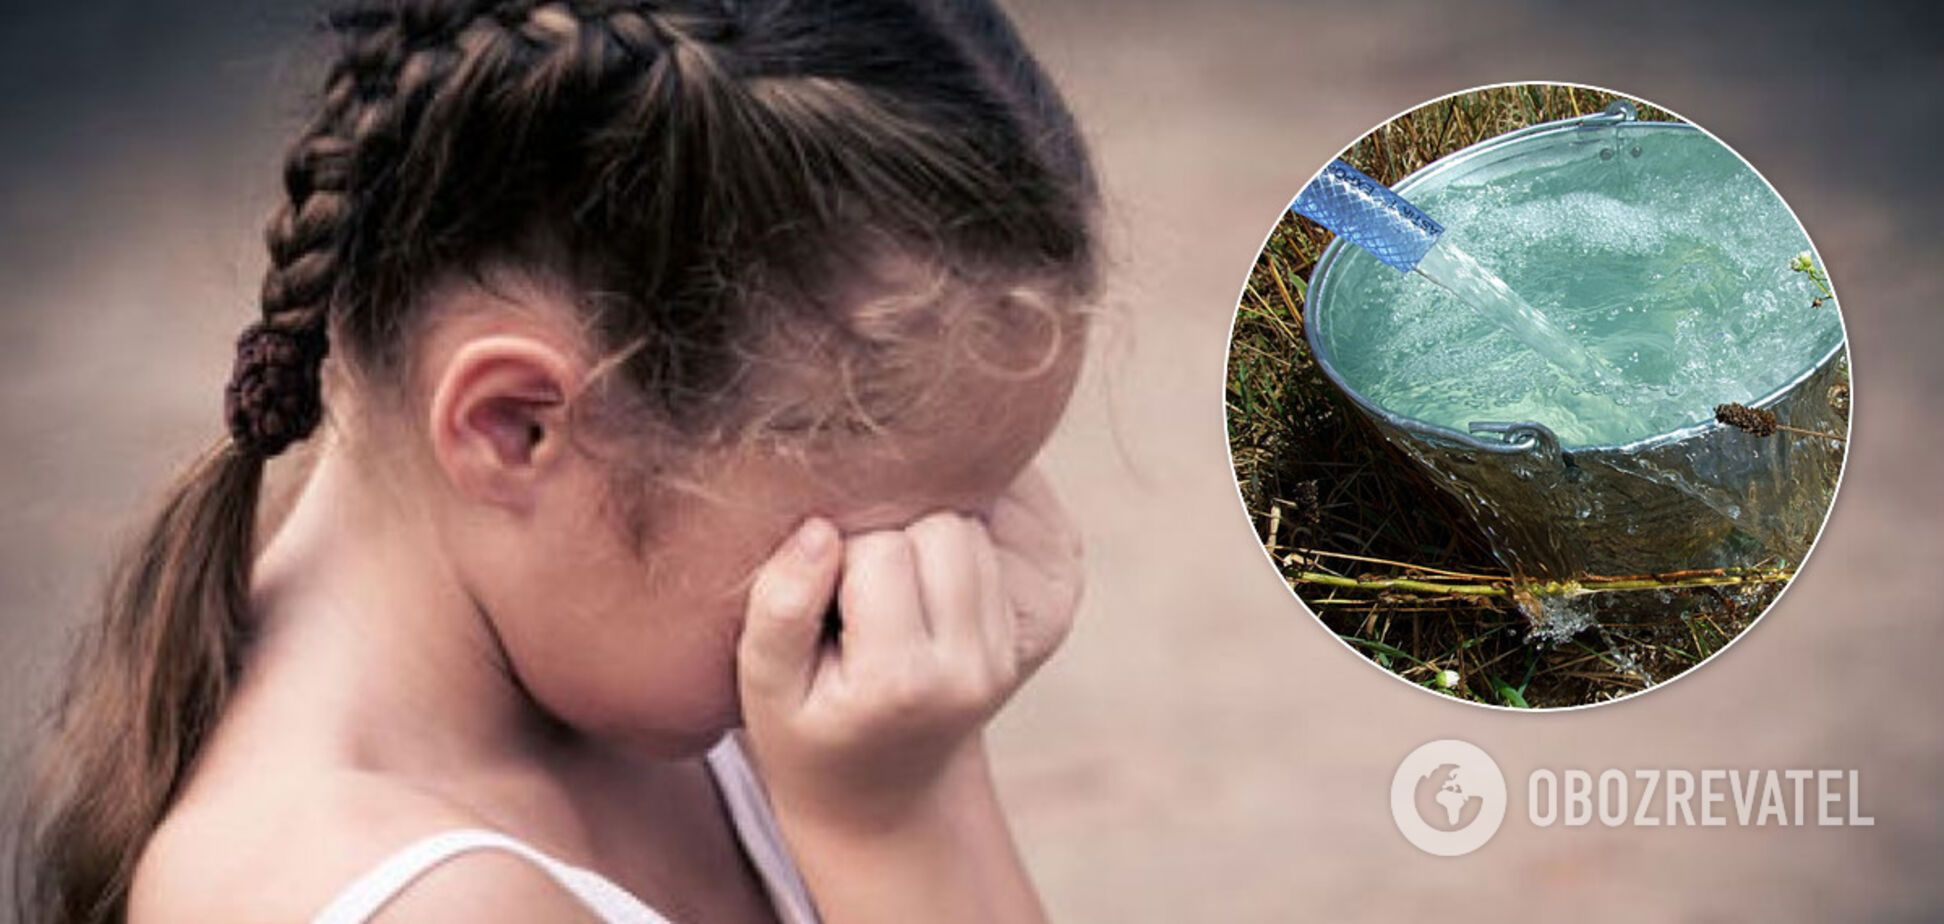 В Херсоне мать выставила 6-летнюю дочь голой на улицу и обливала водой. Фото издевательств